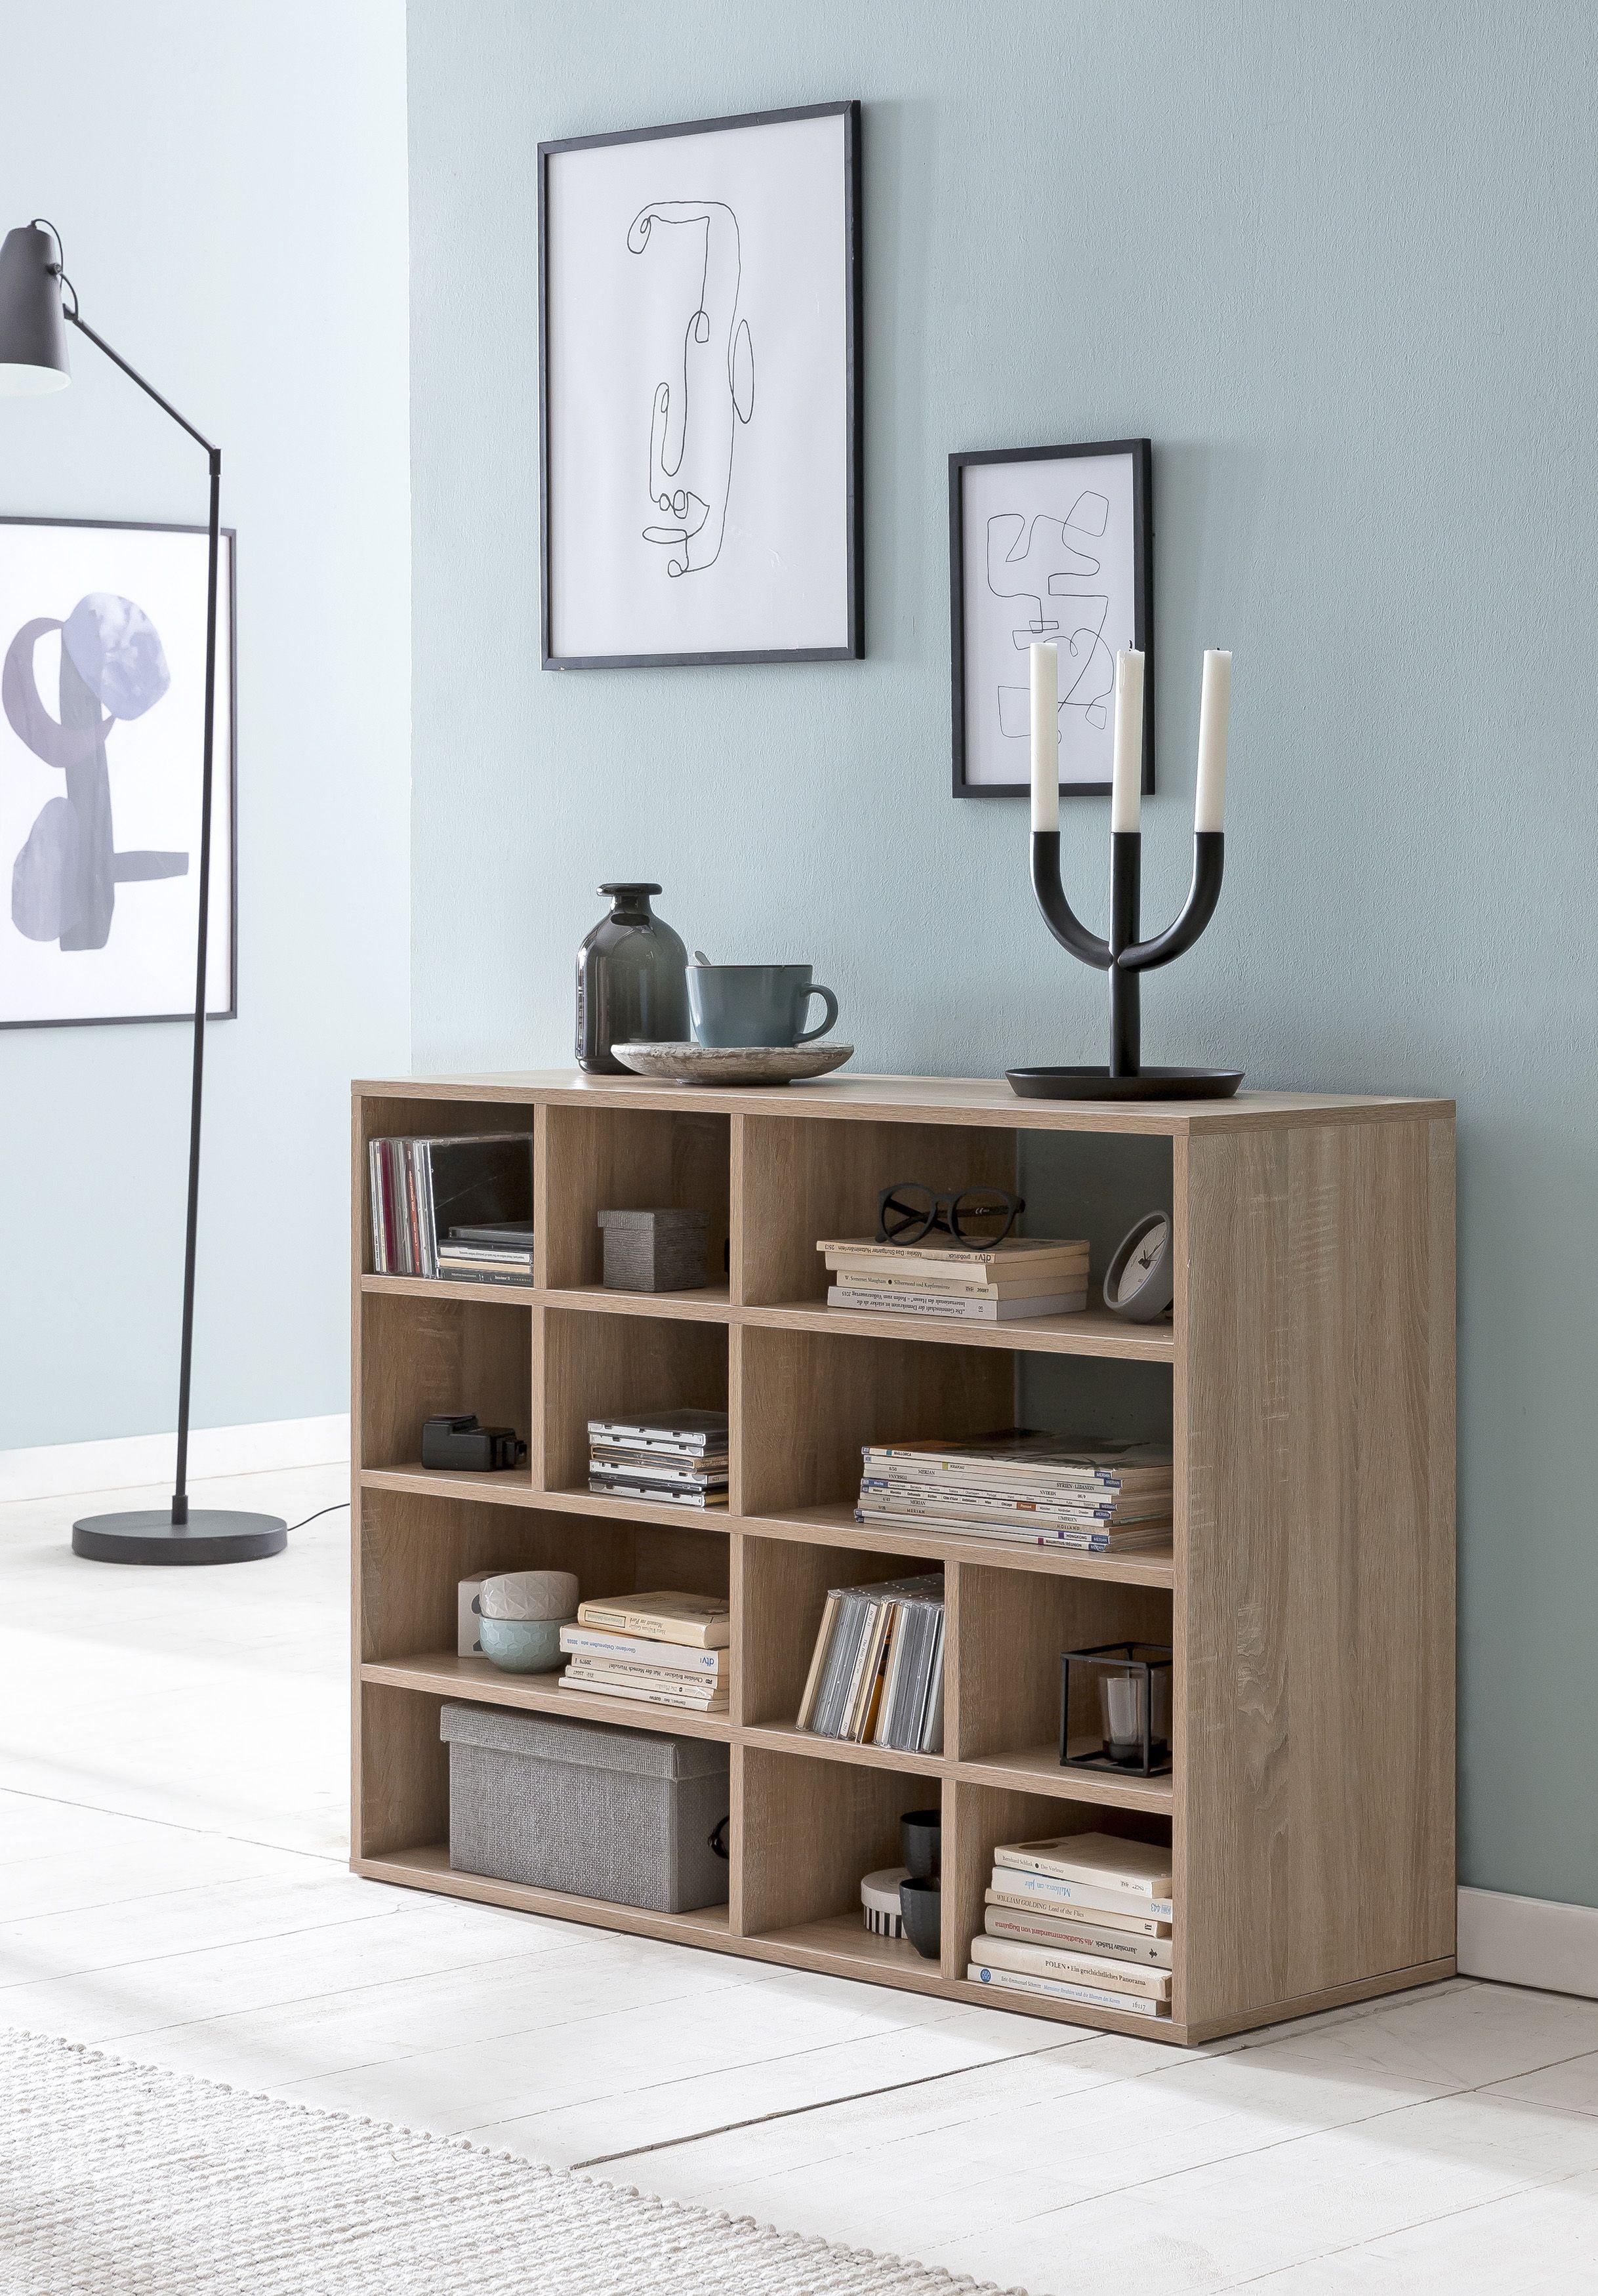 Standregal Wand Regal E Schwebend Rechteck Deko Book Shelf